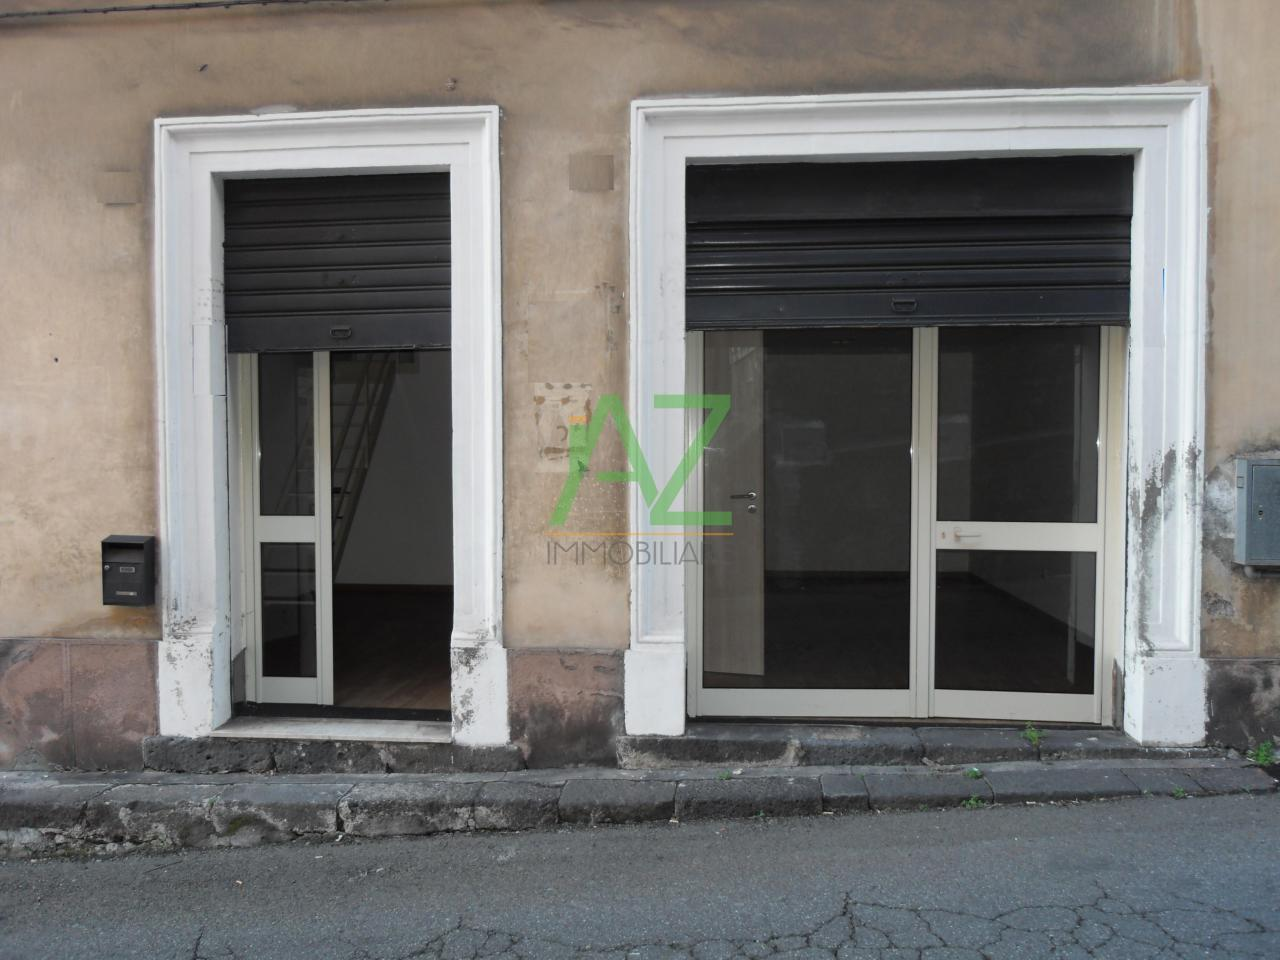 Ufficio / Studio in affitto a Belpasso, 2 locali, prezzo € 330   Cambio Casa.it